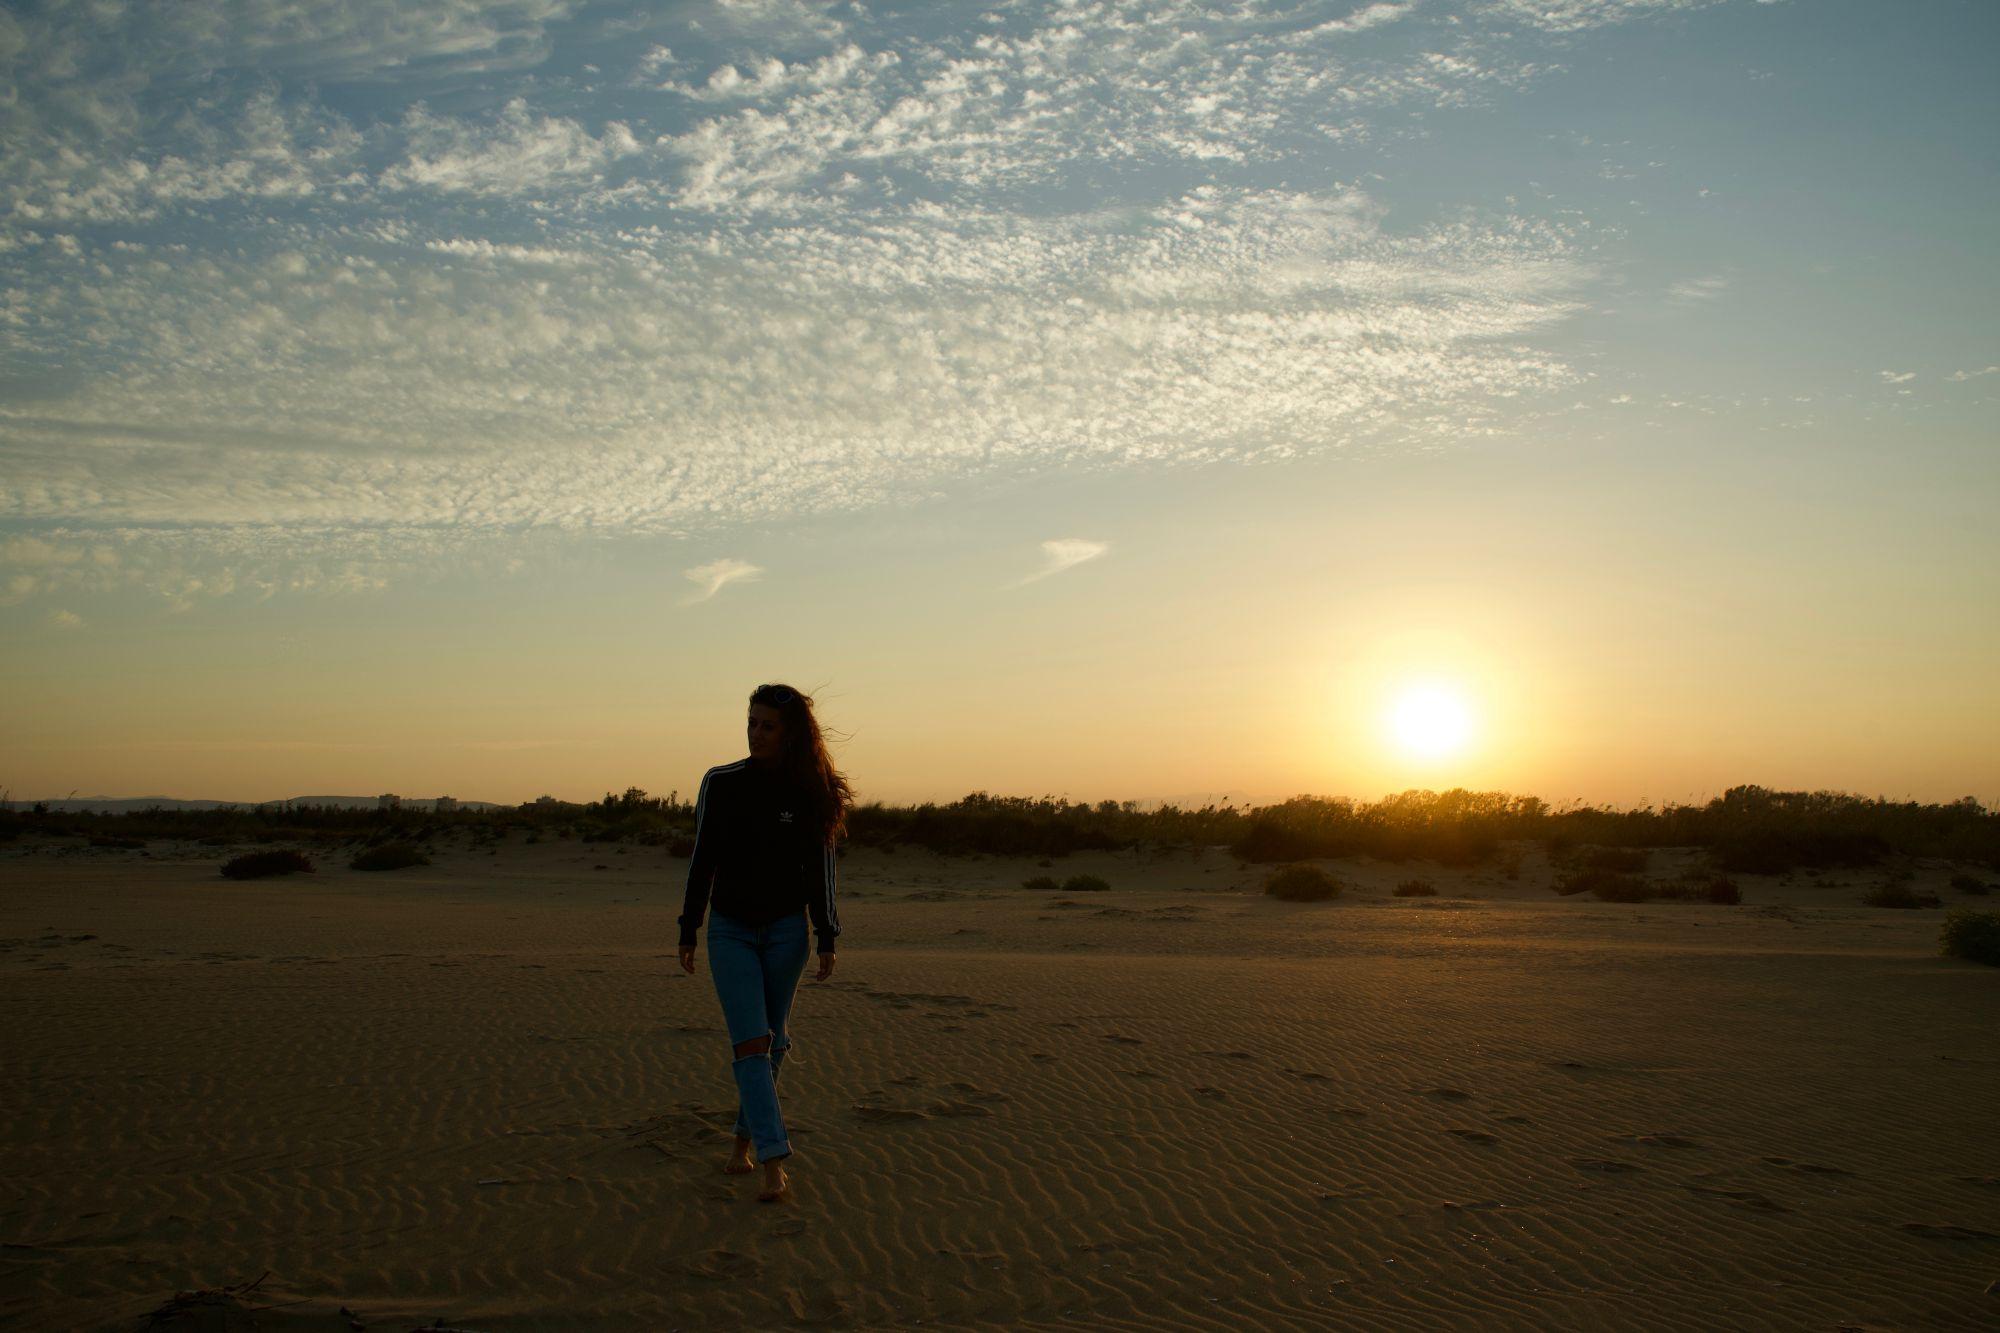 Entre las dunas del Parque Natural de las Marismas del Ampurdán, atardeceres inolvidables.